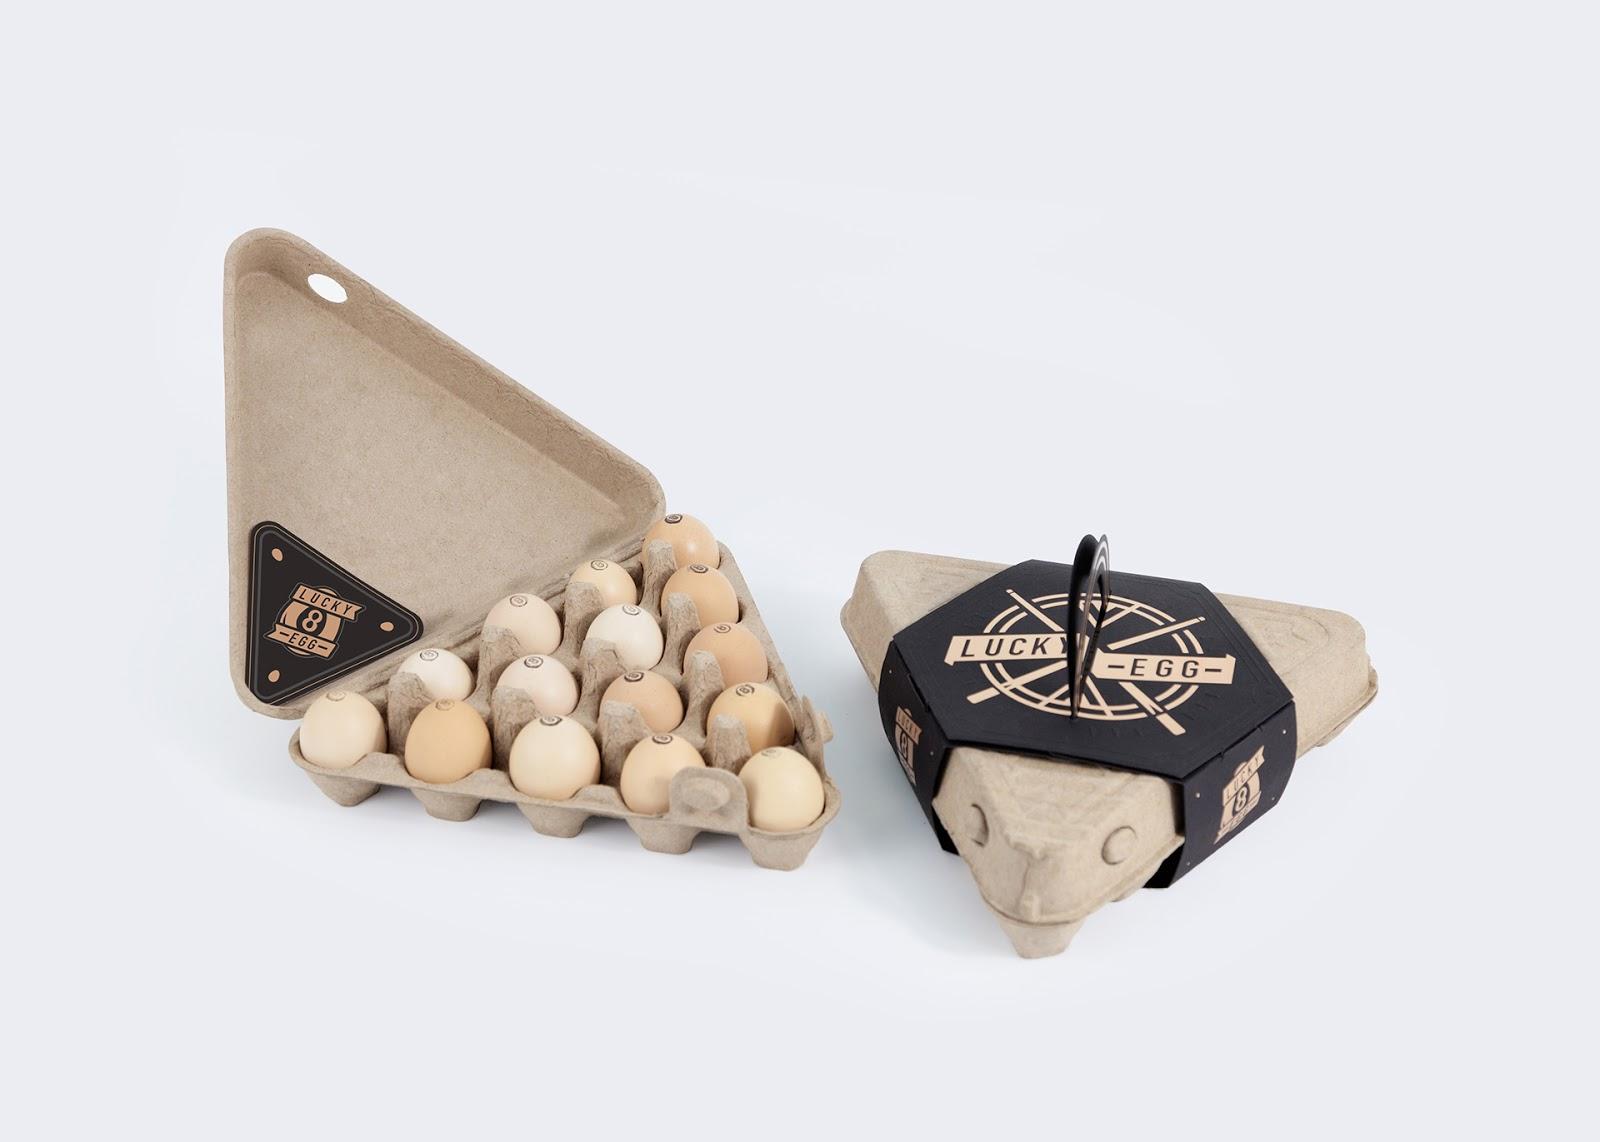 LUCKY鸡蛋盒包装设计